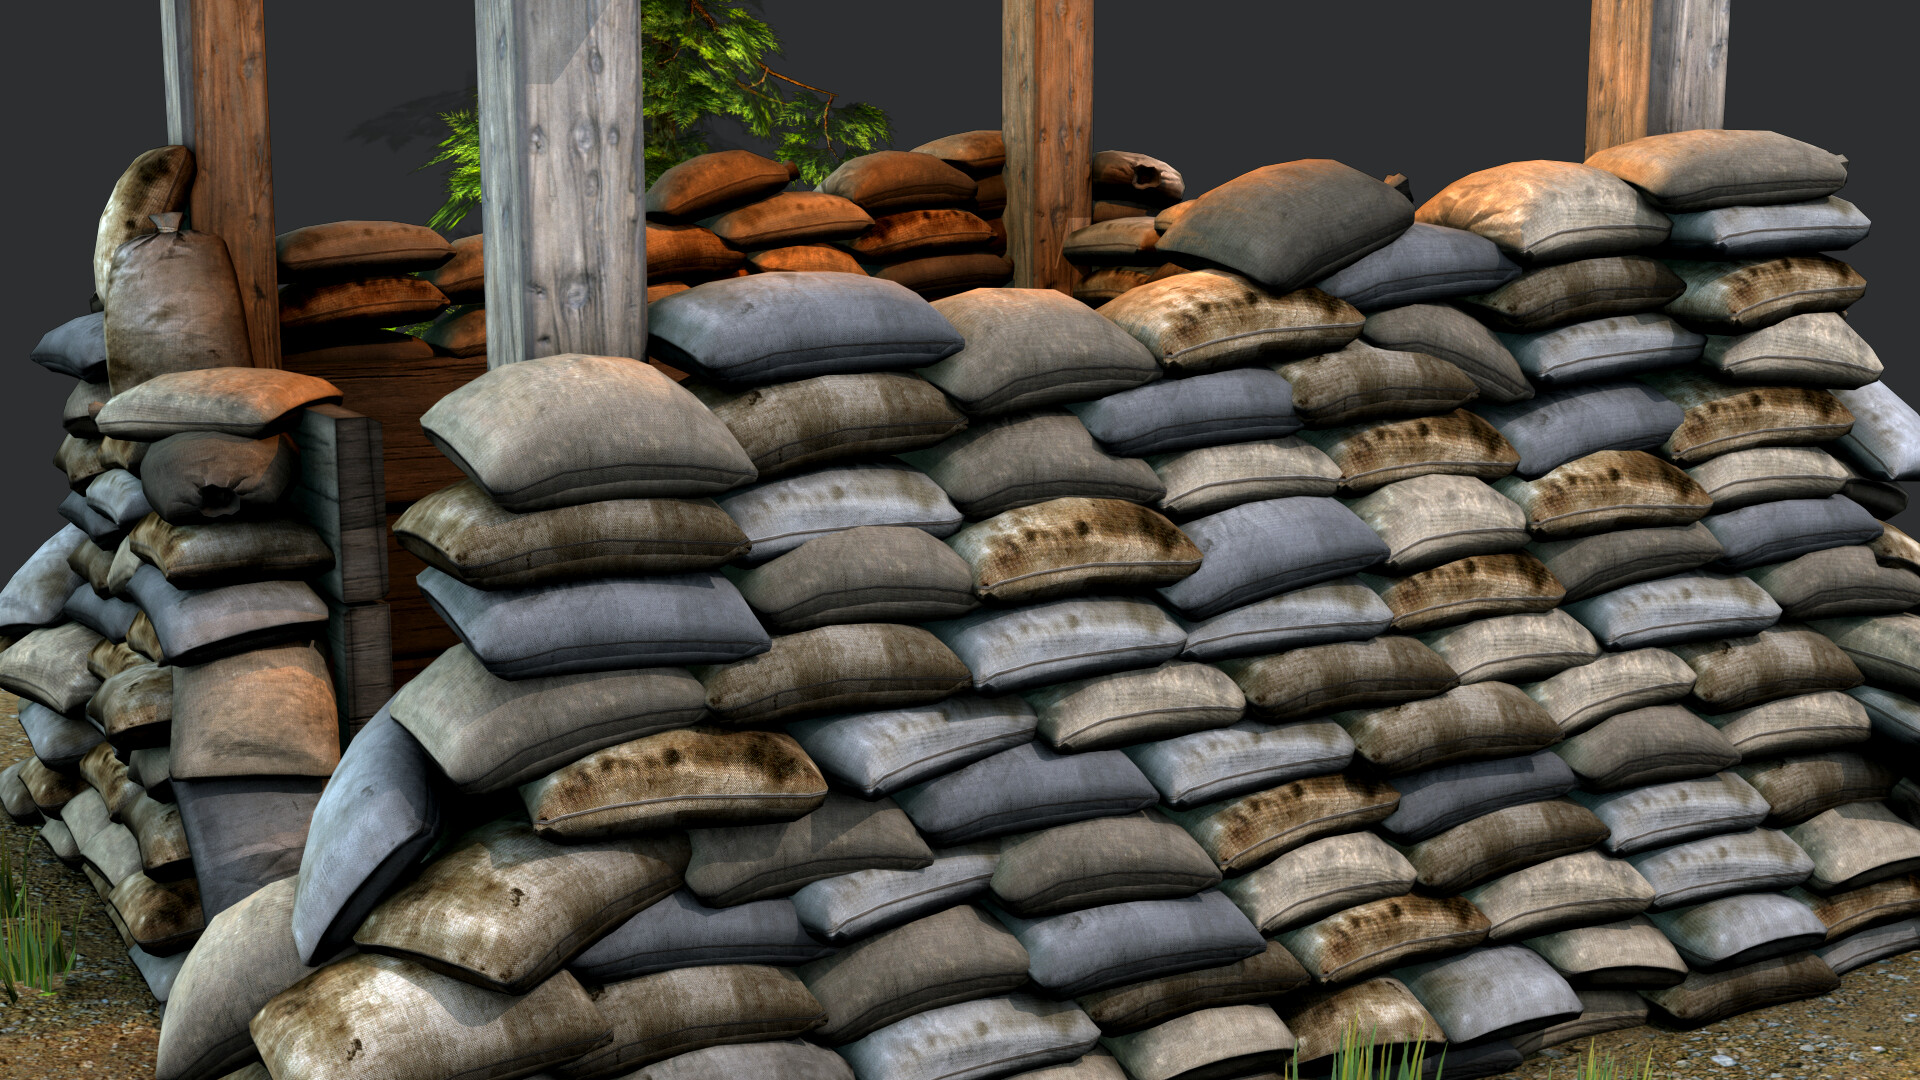 Jordan cameron sandbag bunker 15